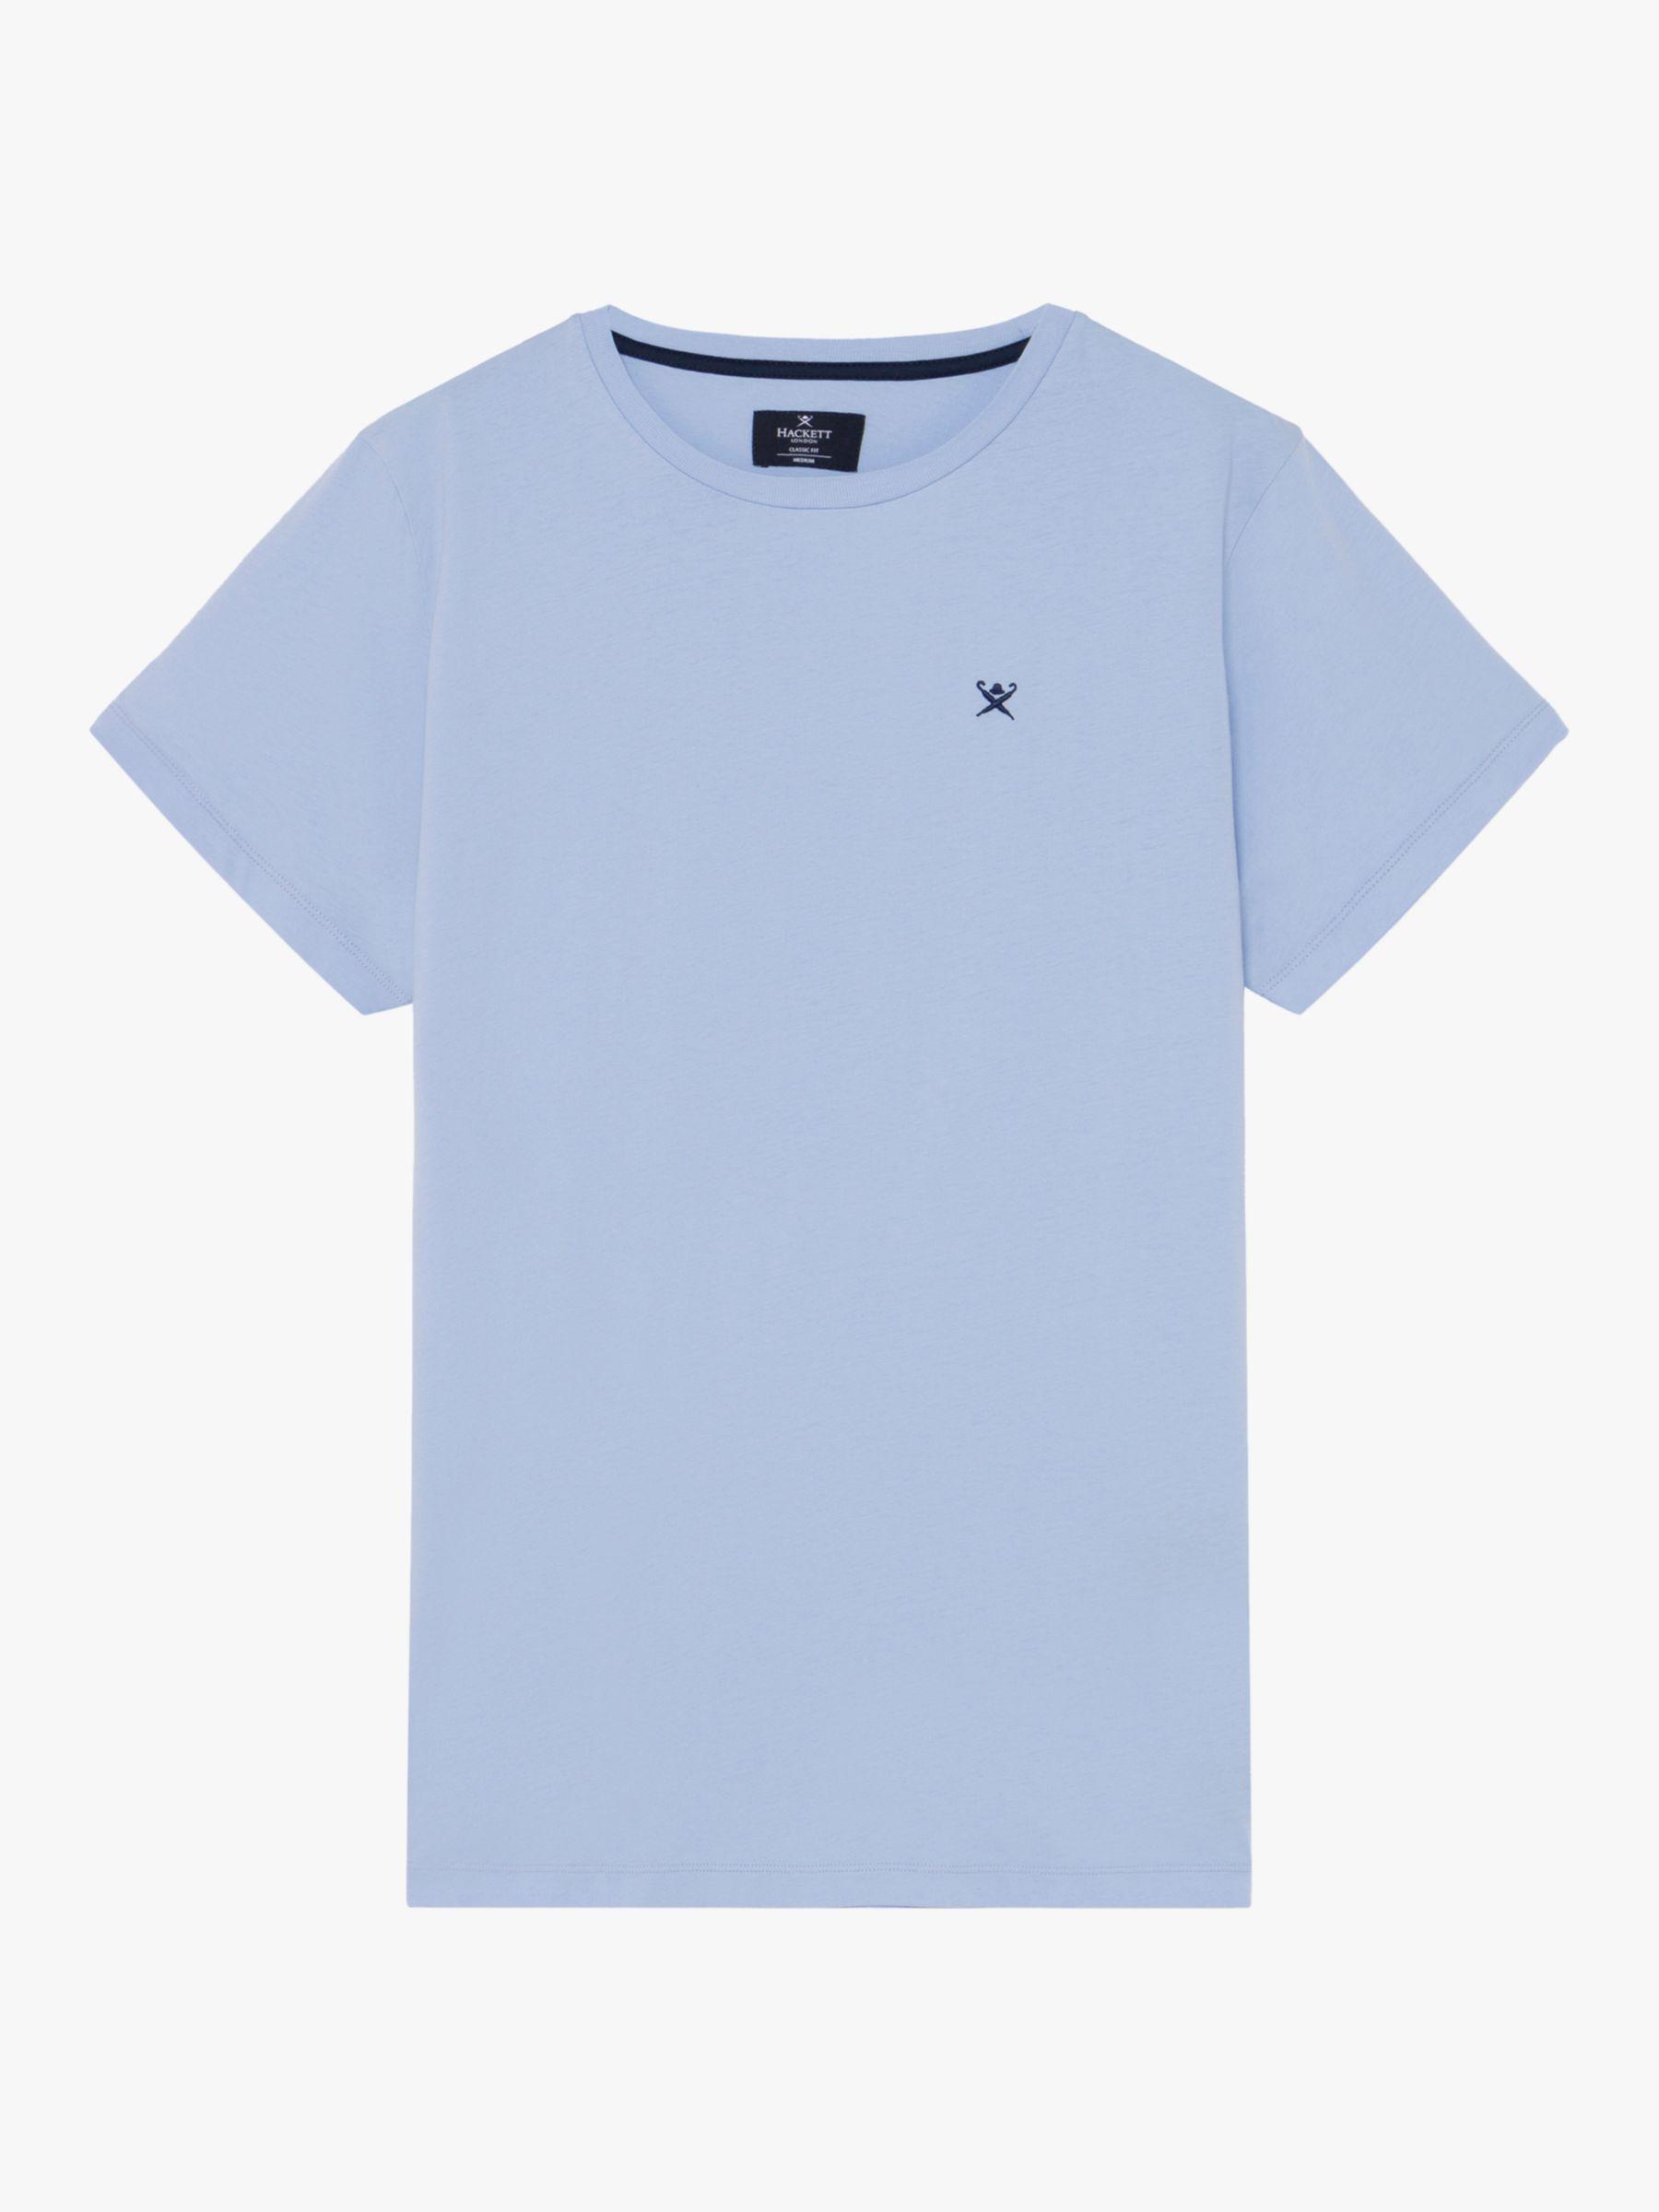 Hackett London Hackett London Logo T-Shirt, Chambray